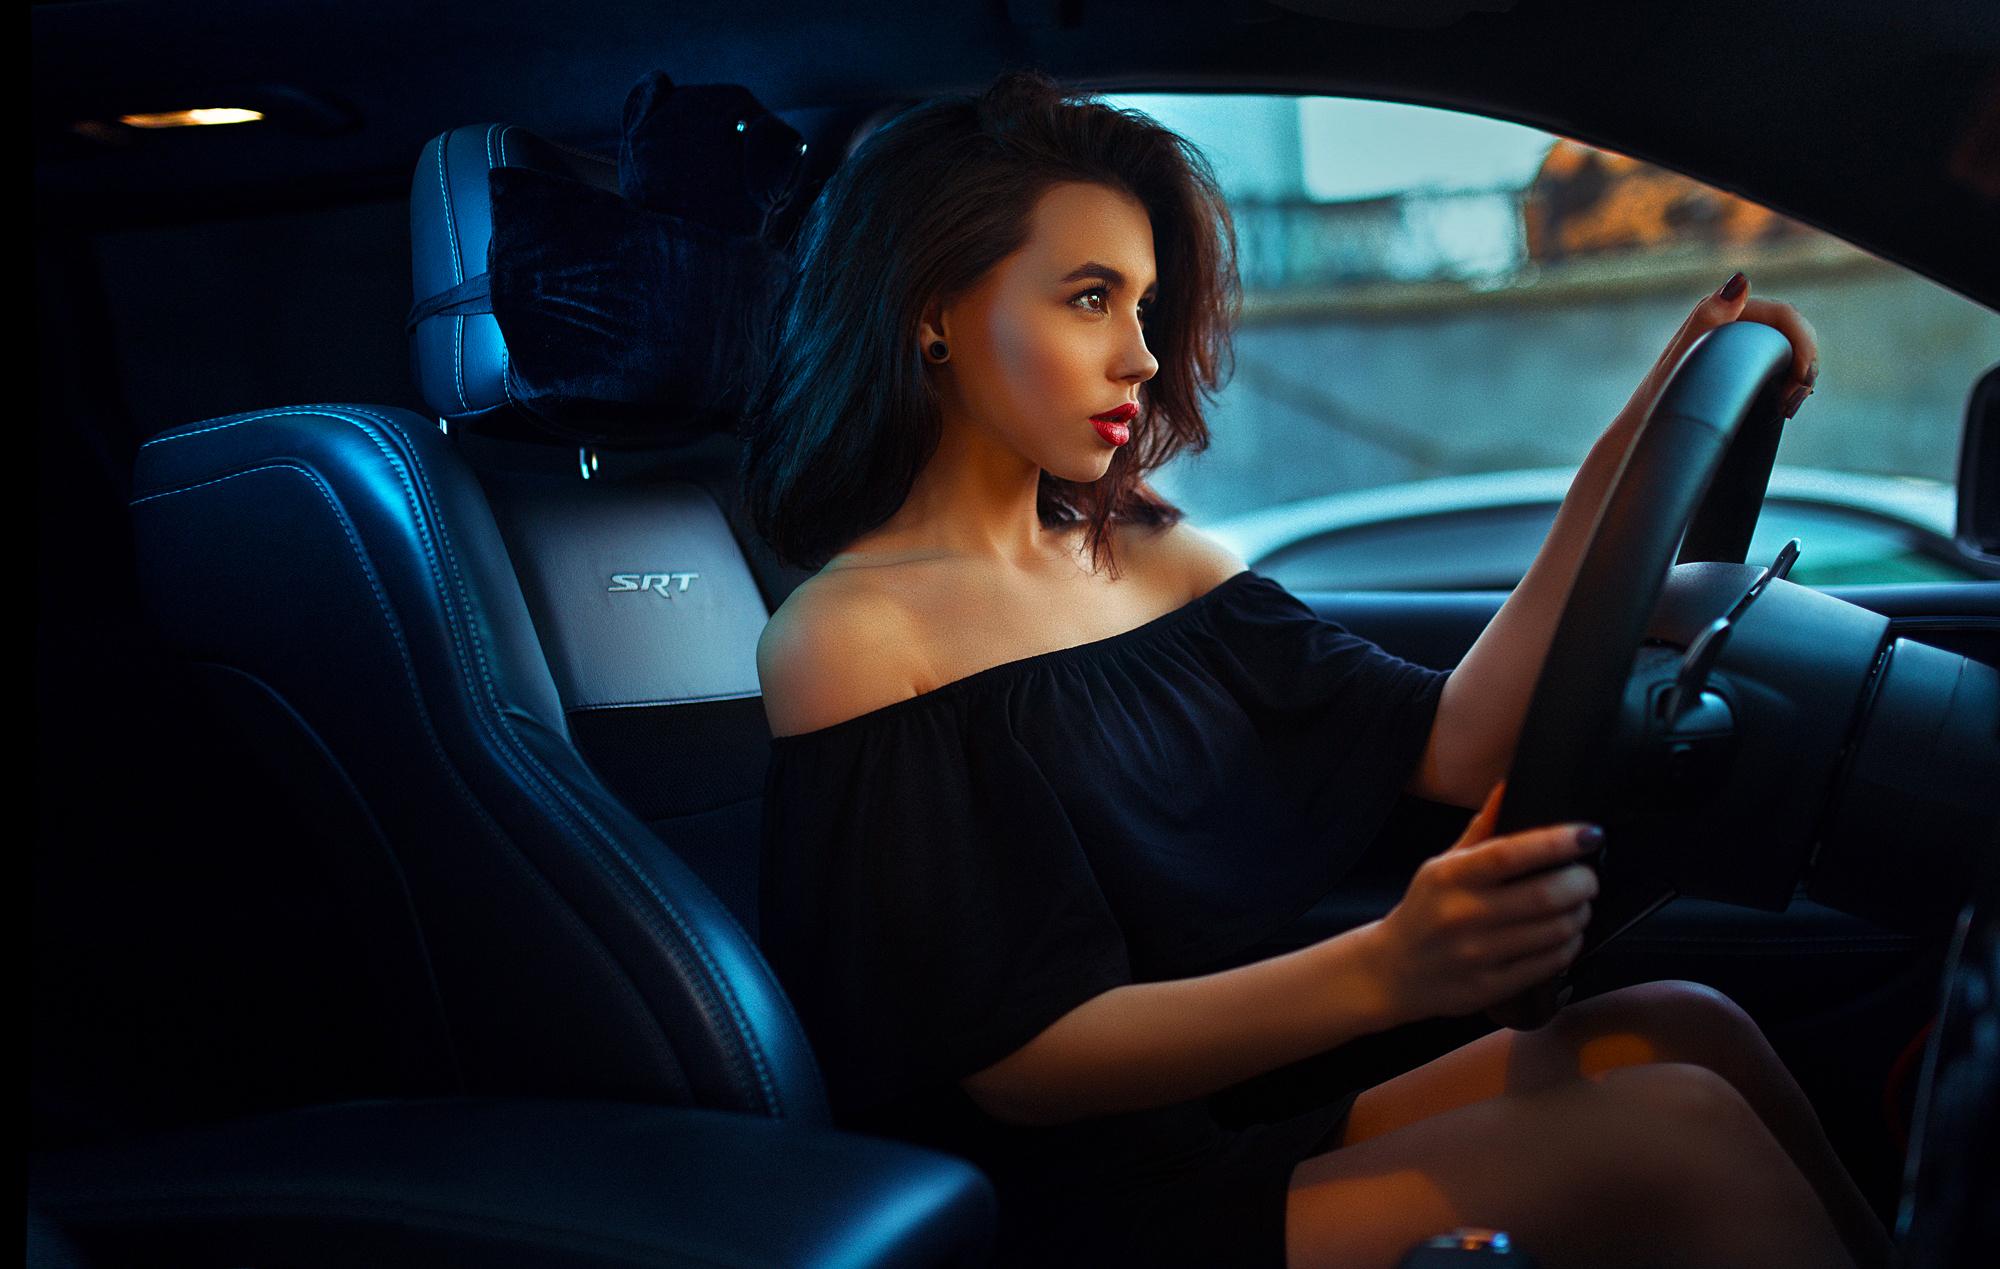 Картинка девушка смотрит на машину